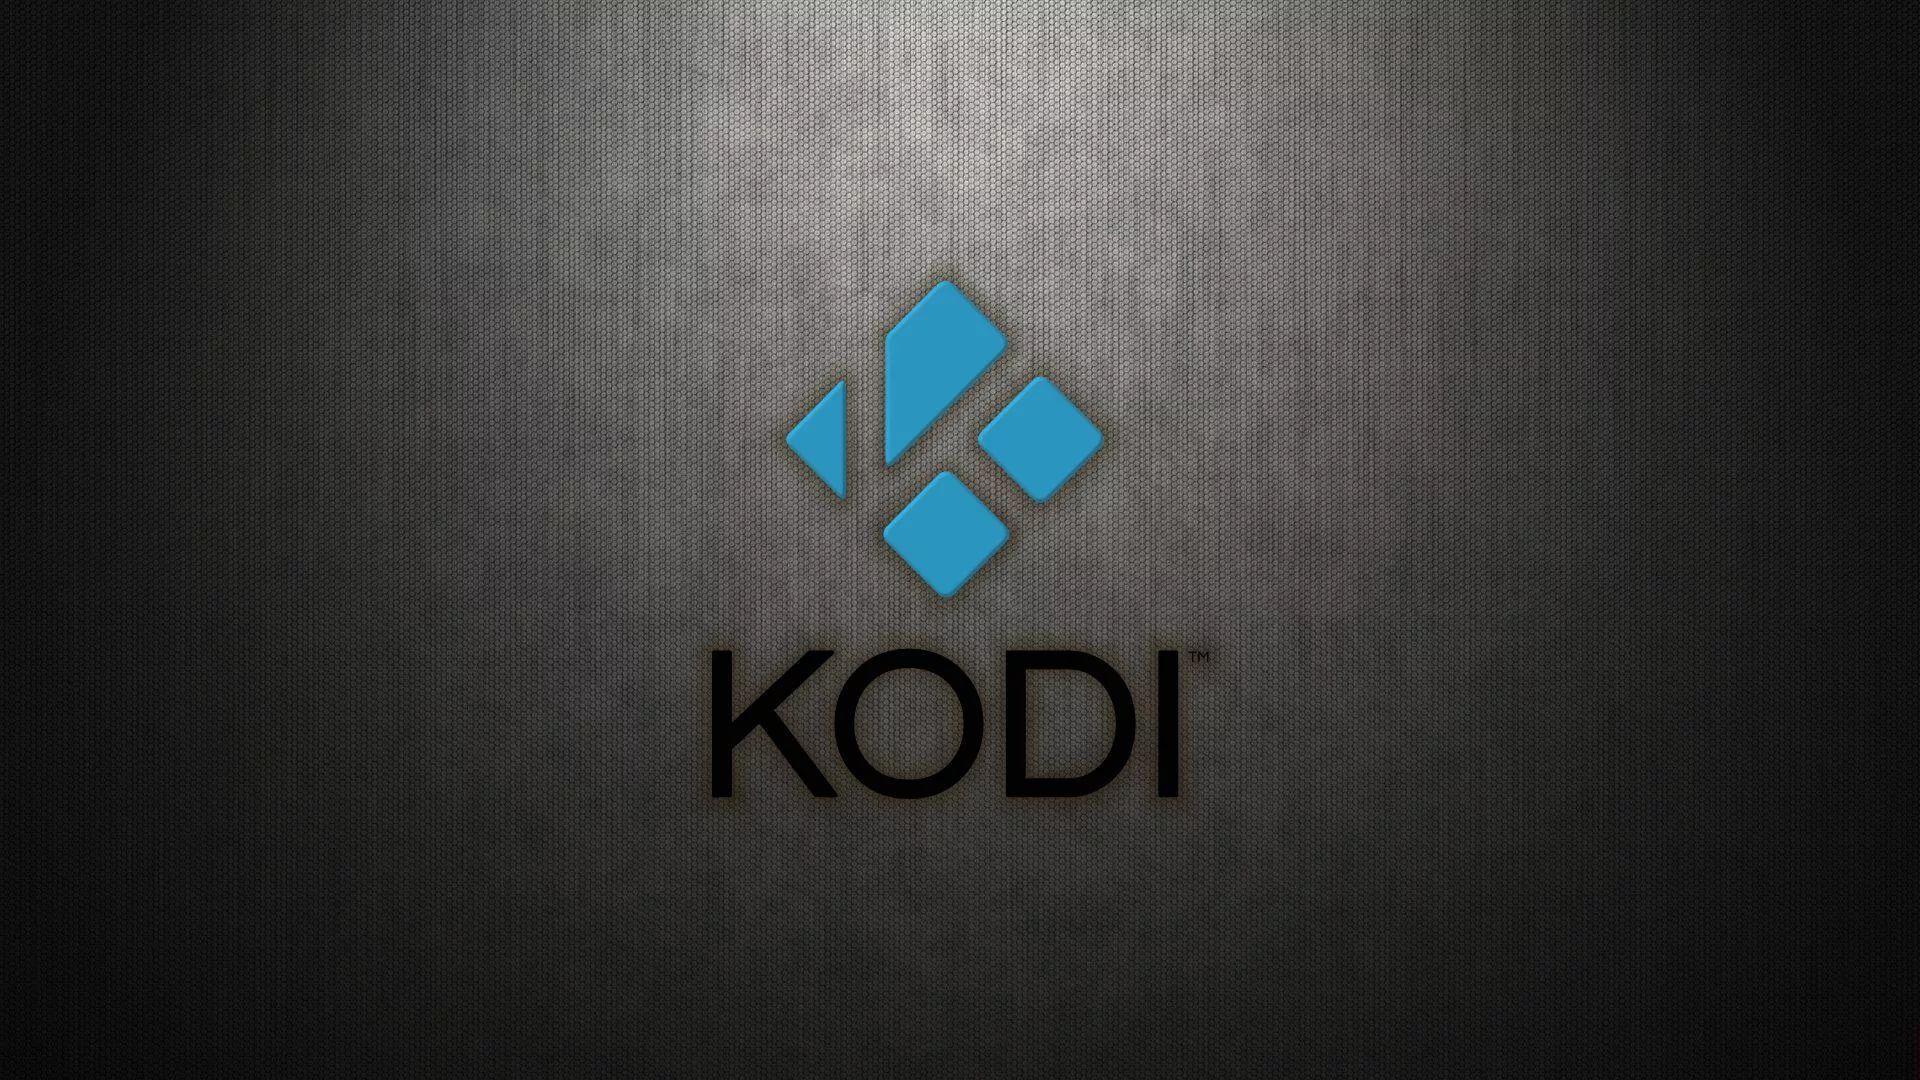 Kodi Picture